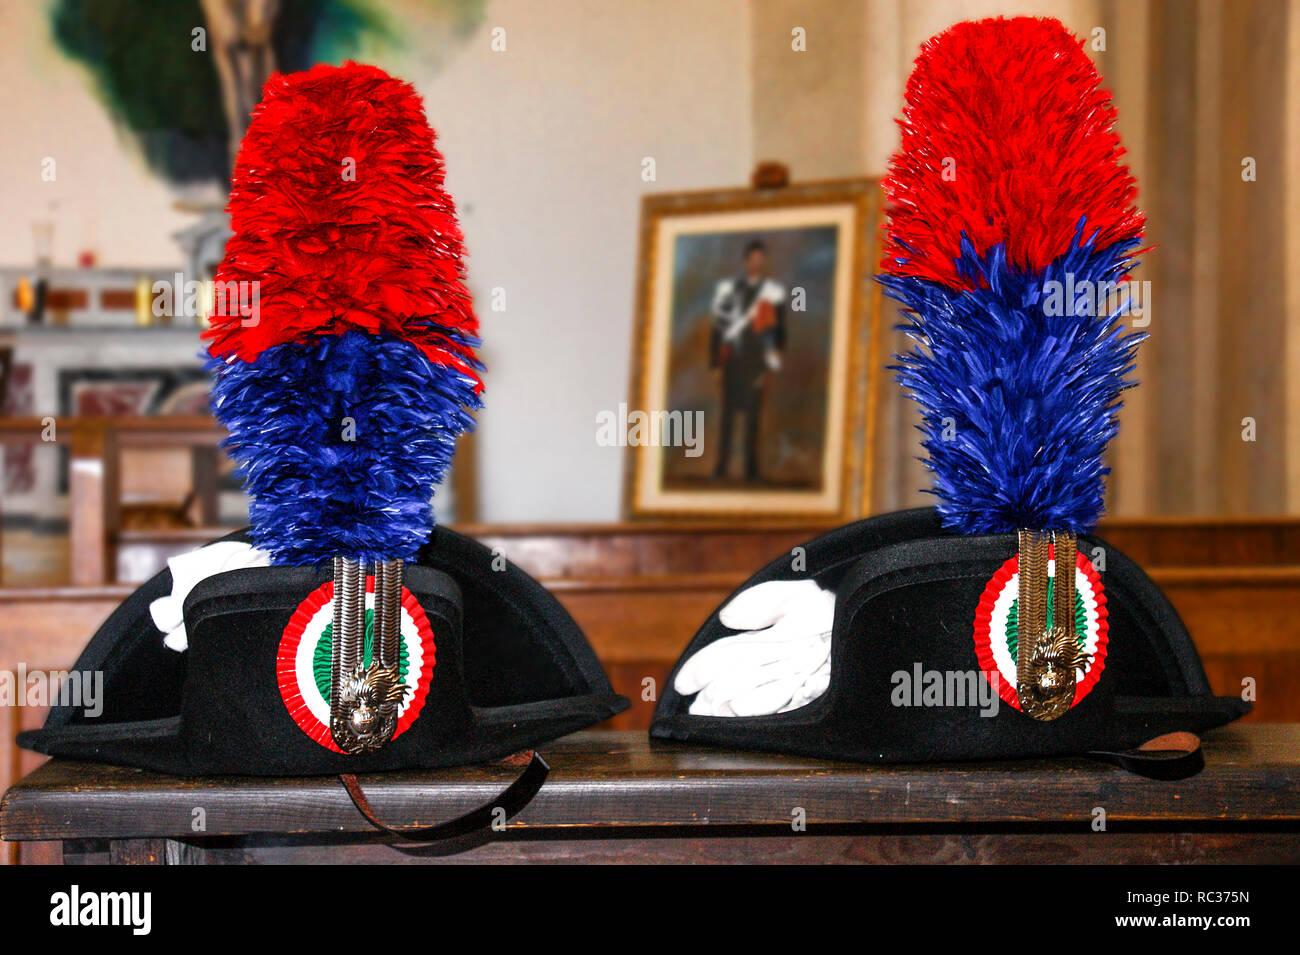 Hat With Plume Imágenes De Stock   Hat With Plume Fotos De Stock - Alamy d2106840454